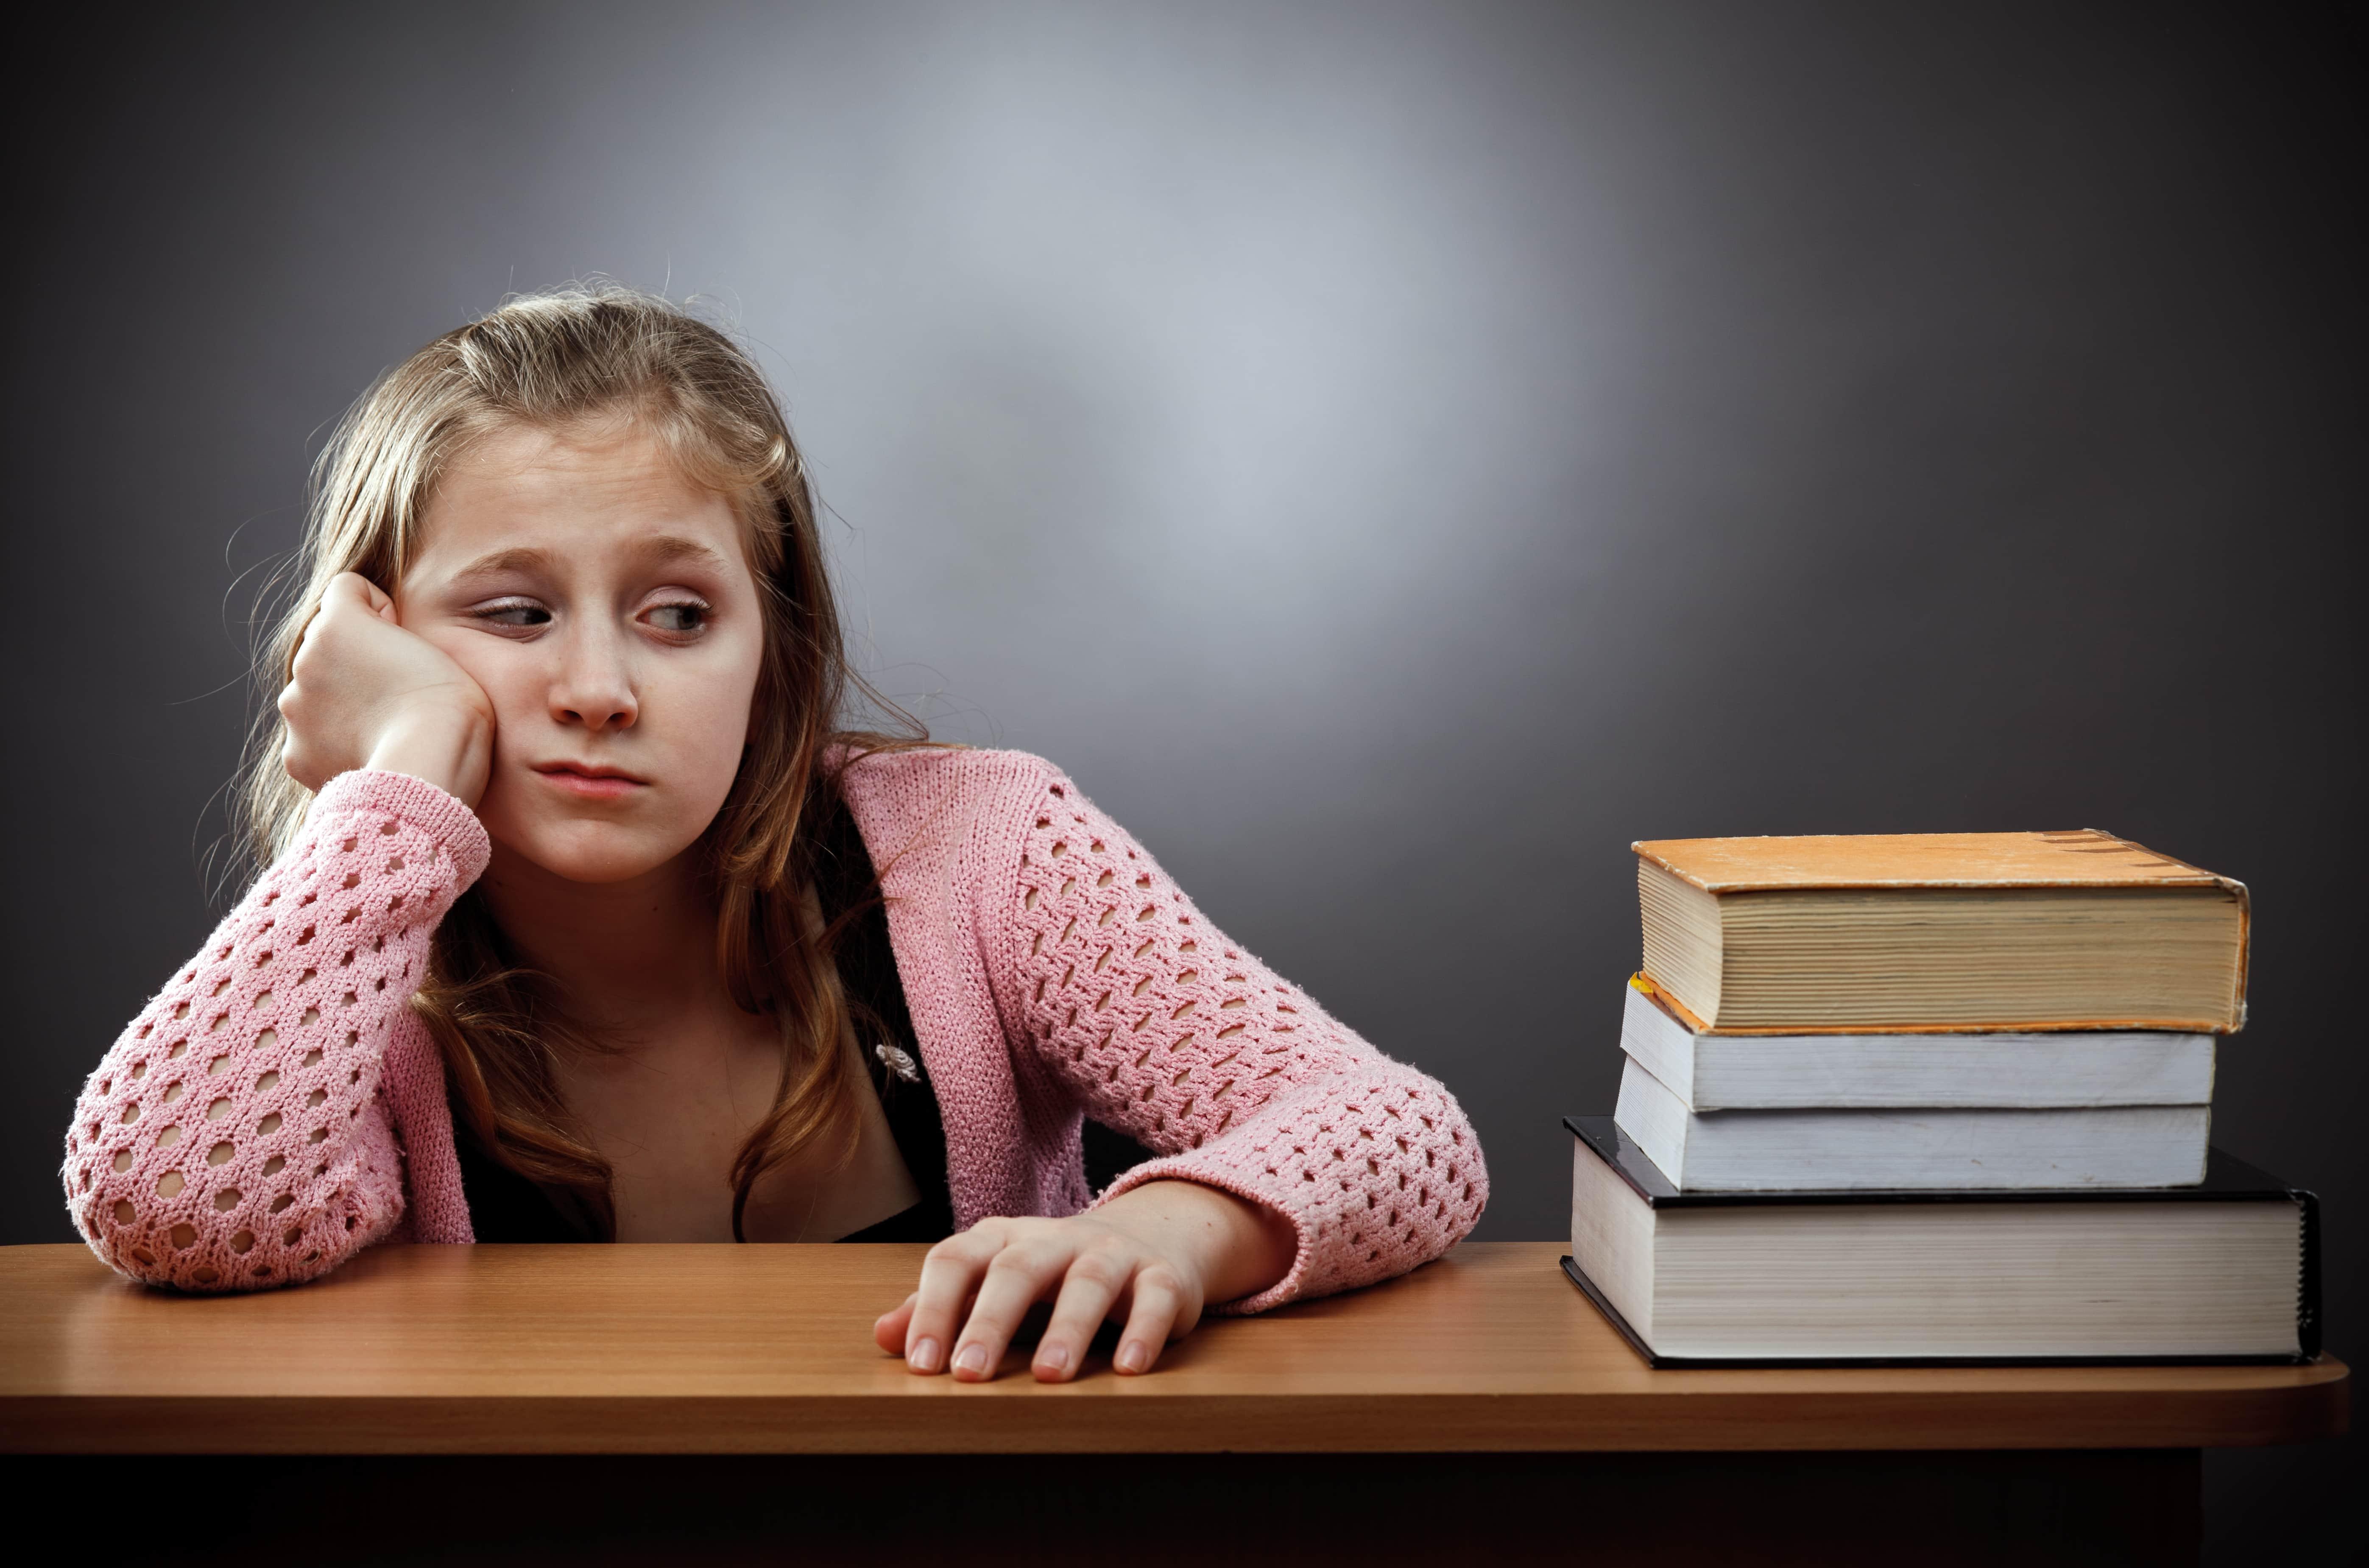 Обнаружены гены, связанные с успеваемостью в школе и вузе